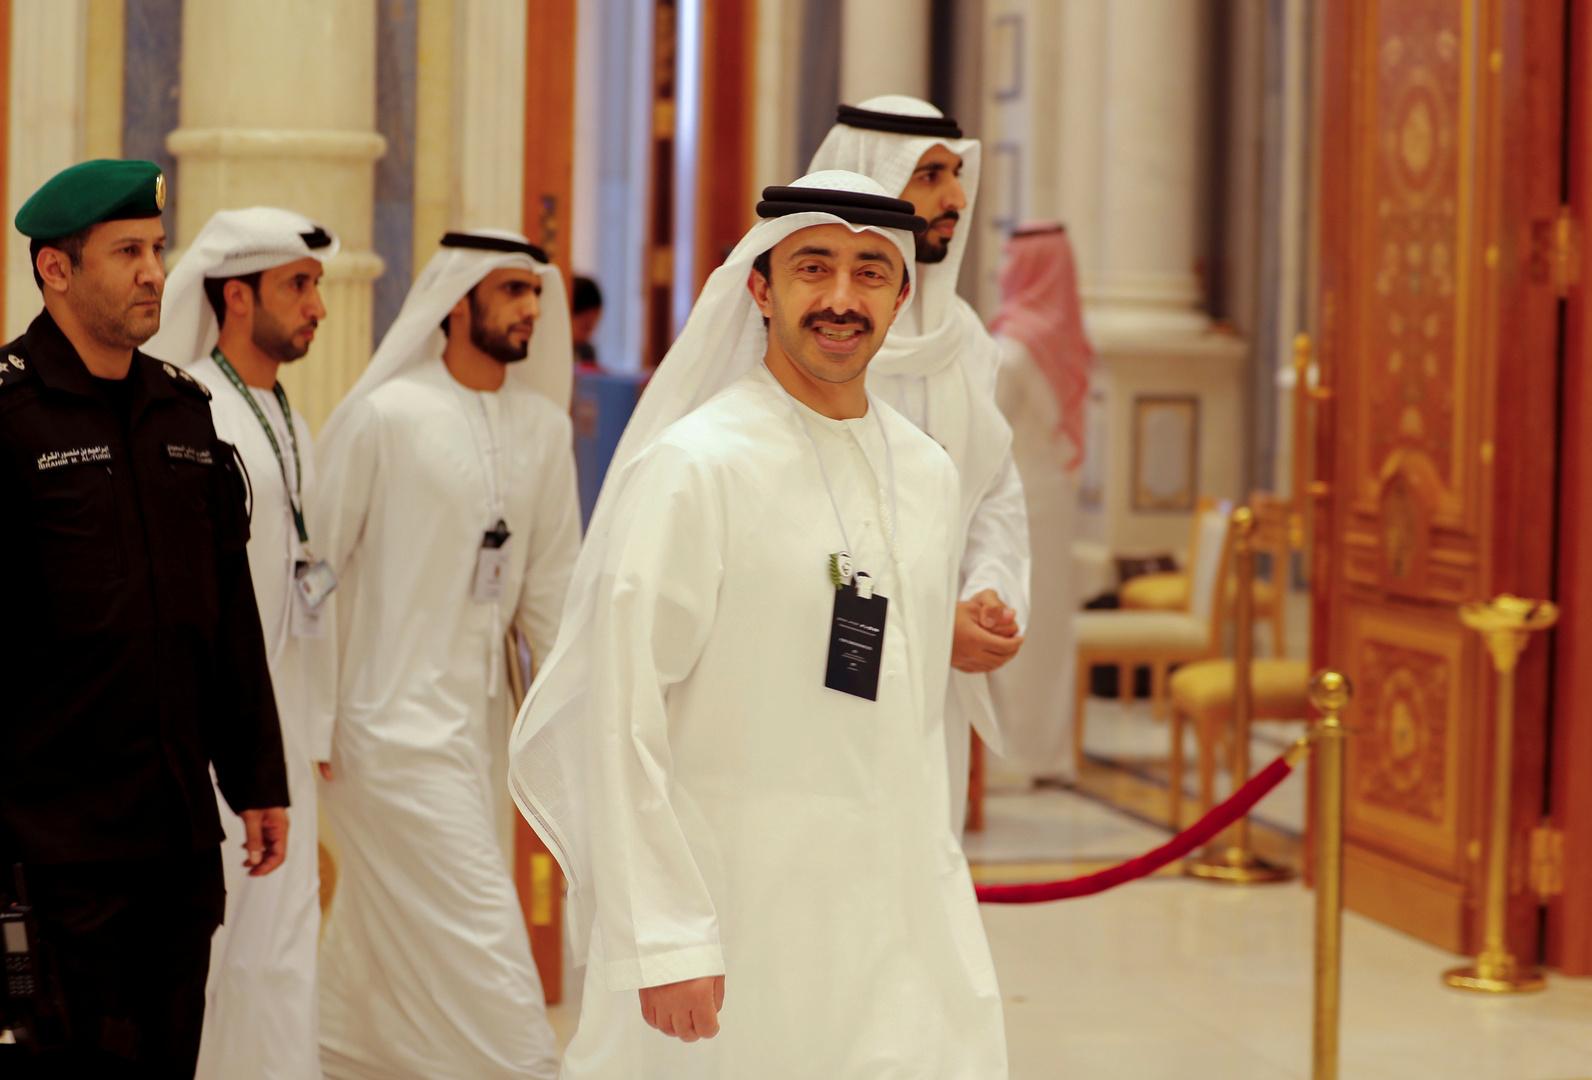 وزير الخارجية الإماراتي في مقال: الإمارات وإسرائيل وكل دول المنطقة مرهقة من المواجهات